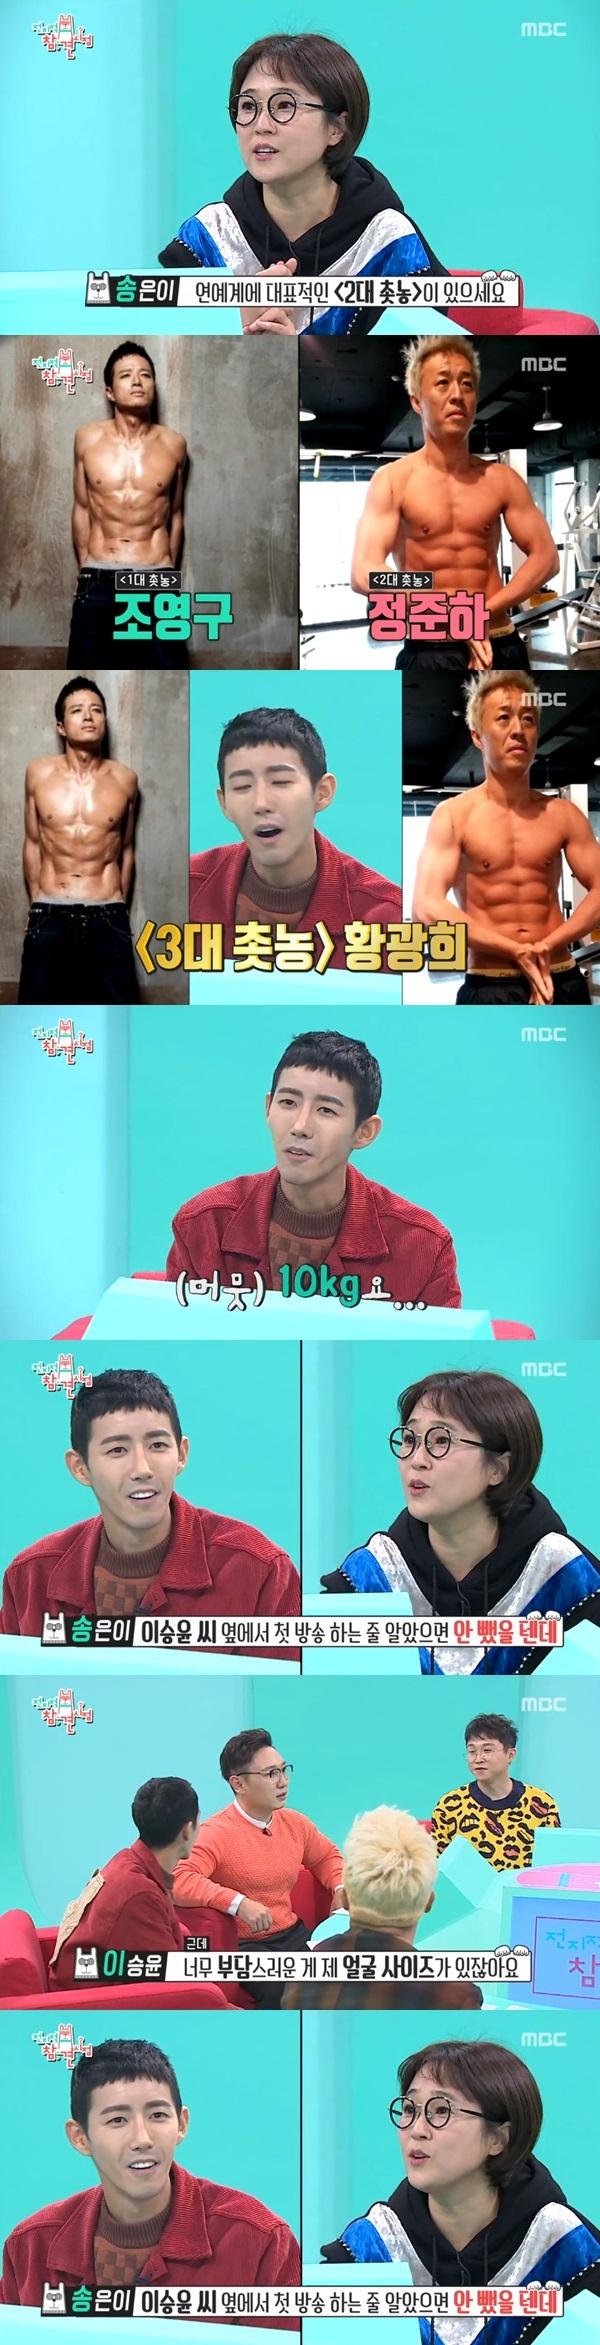 MBC '전지적 참견 시점' 방송 화면 캡처 © News1